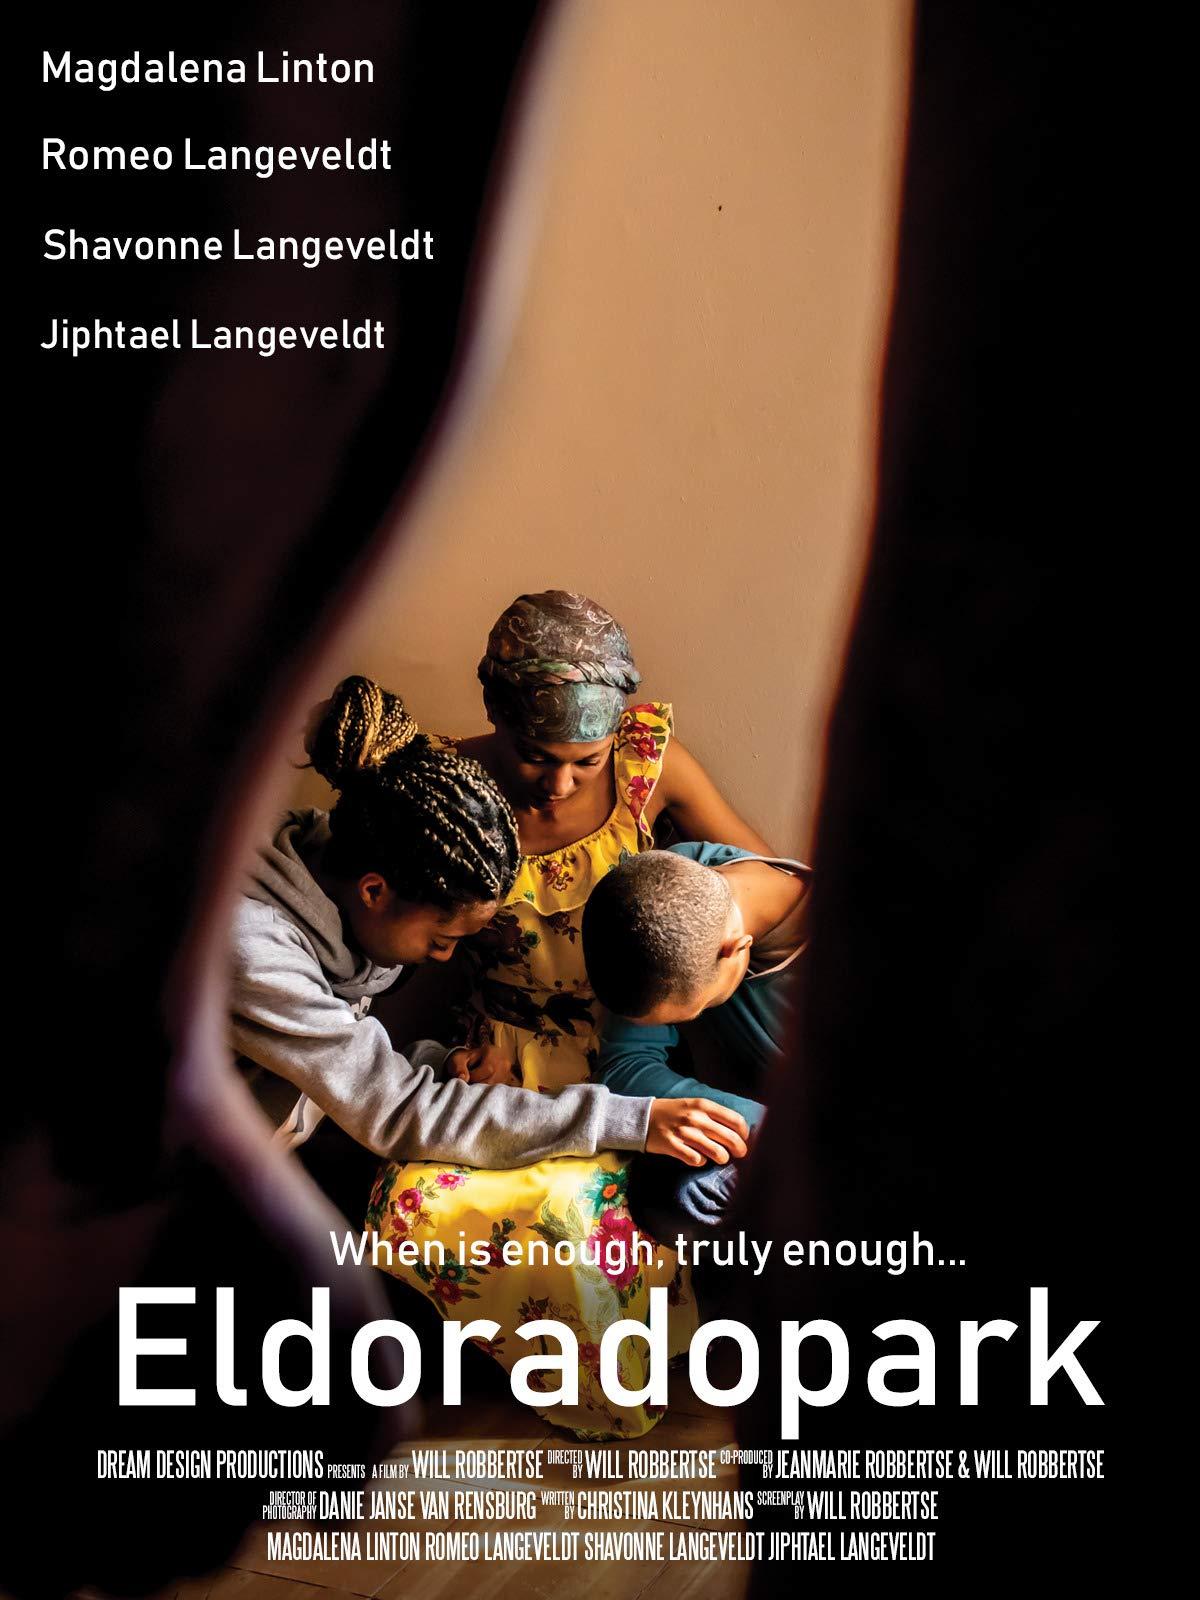 Eldoradopark